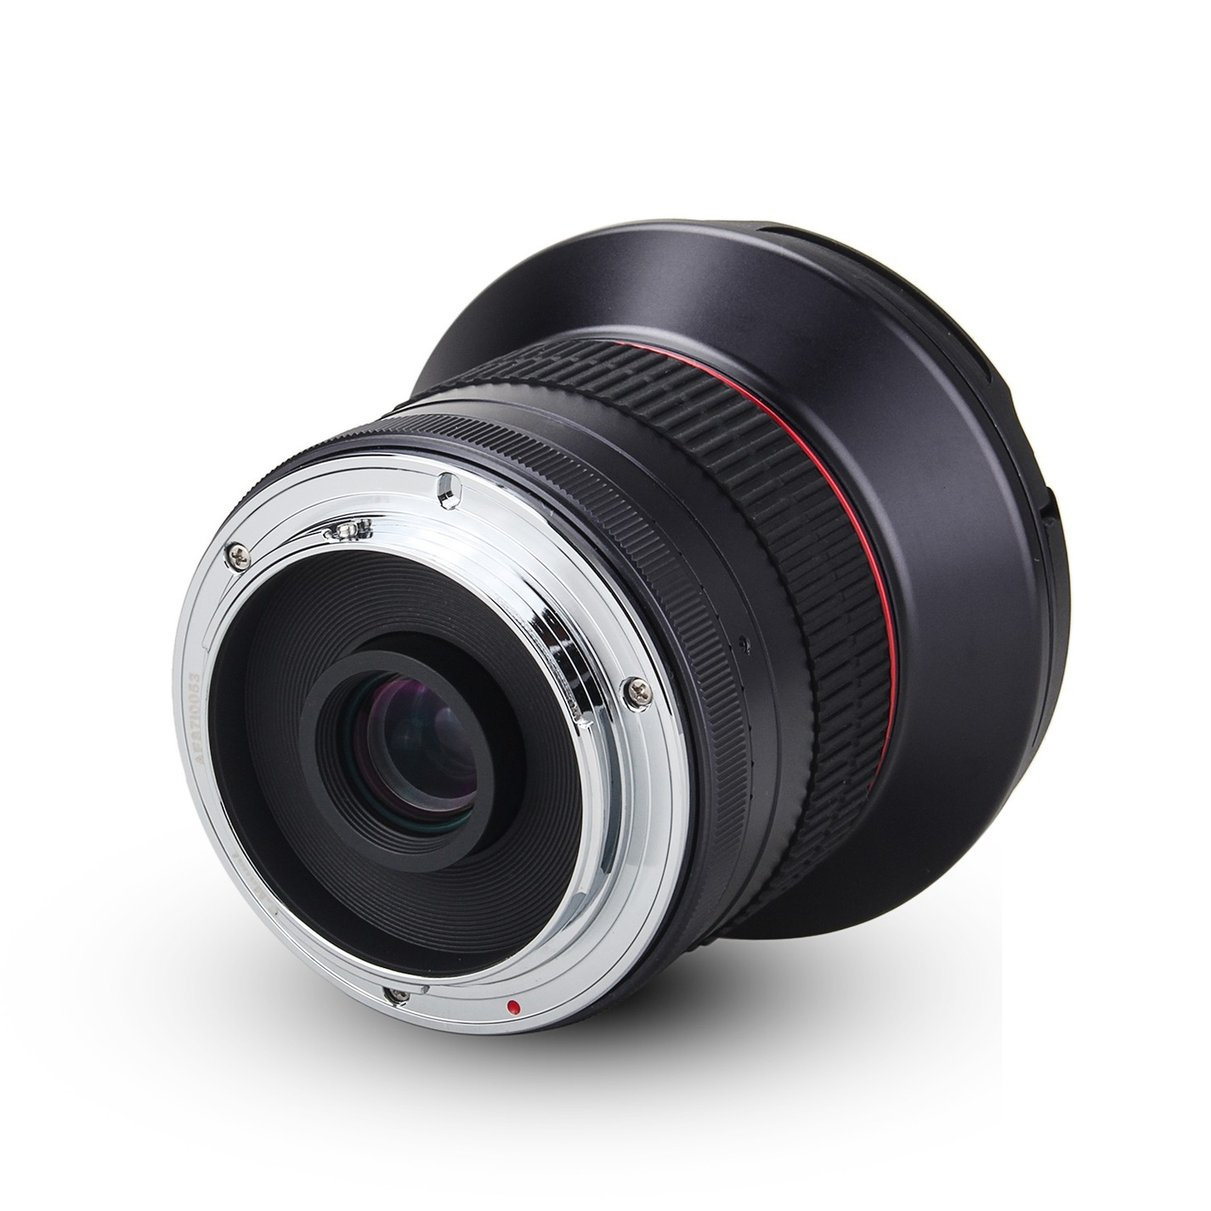 Meike 12mm f/2.8 lente ultra gran angular fija con capucha extraíble para Sony Alpha y NEX sin espejo cámara de montaje en e A7 A7S A7R II